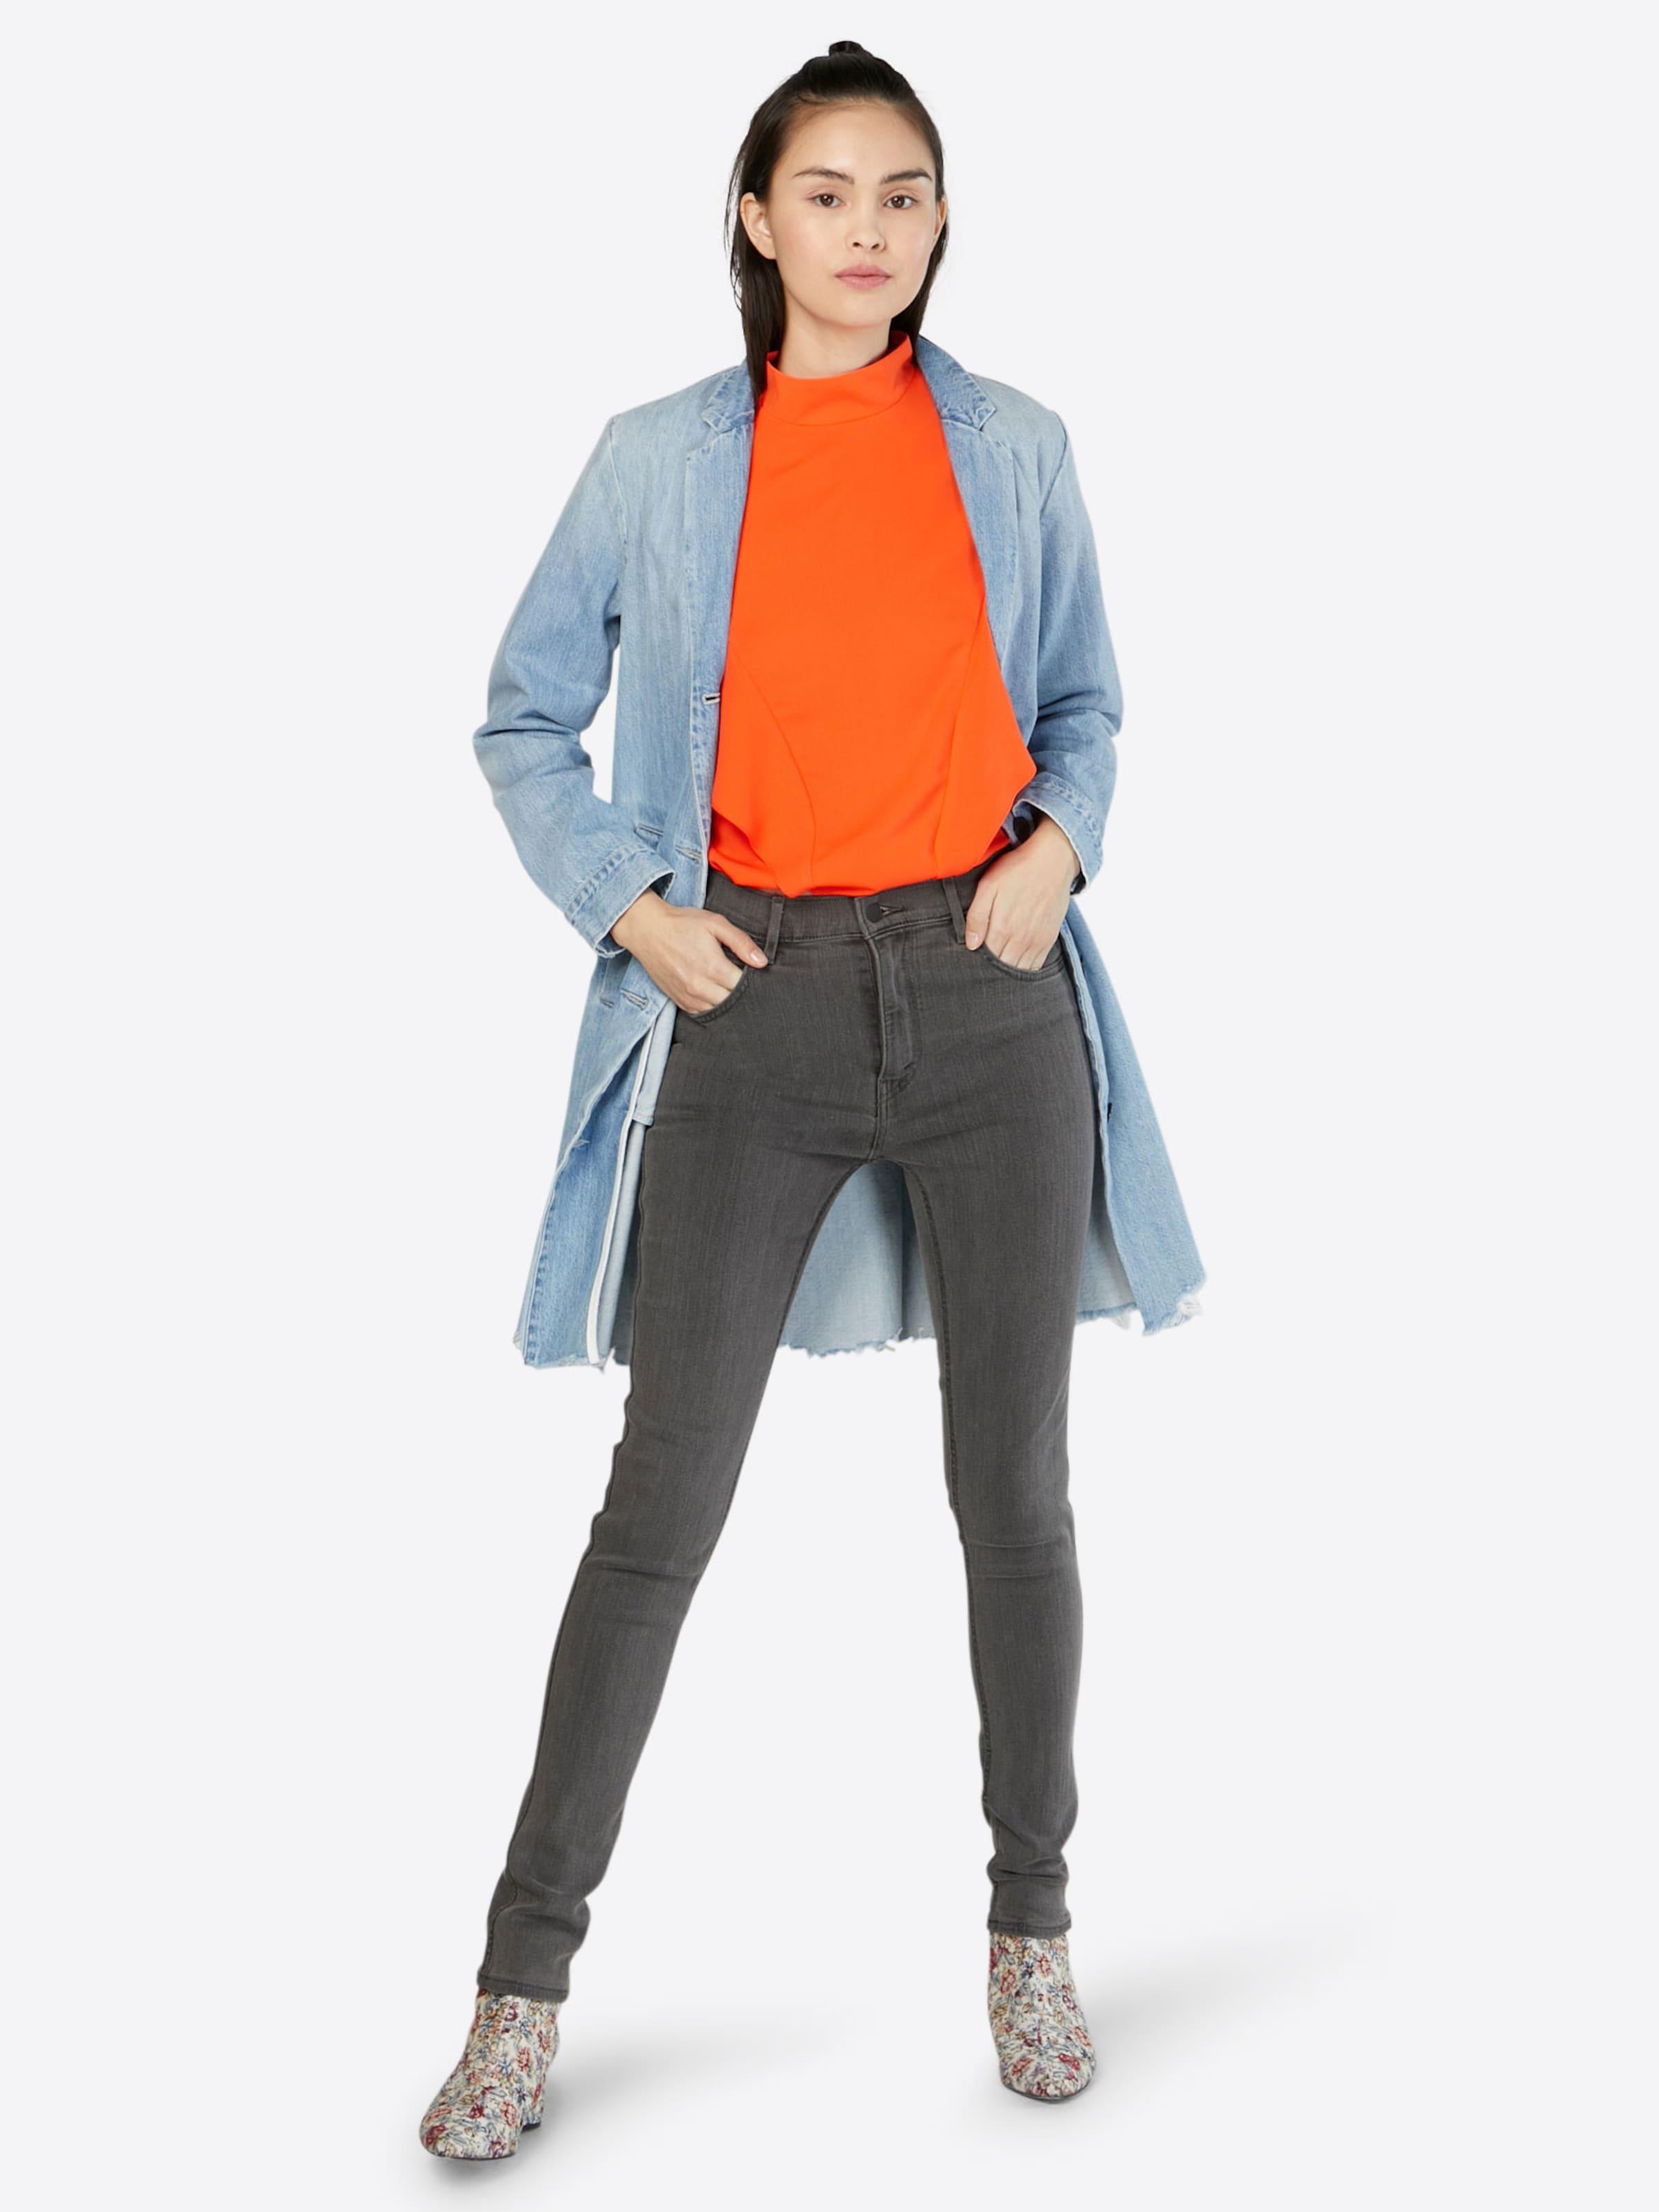 Levi's Line 8 Skinny Jeans Freies Verschiffen Niedrig Kosten Rabatt 2018 Neue Online Günstiger Preis Billig Verkauf Blick Inyy5xF